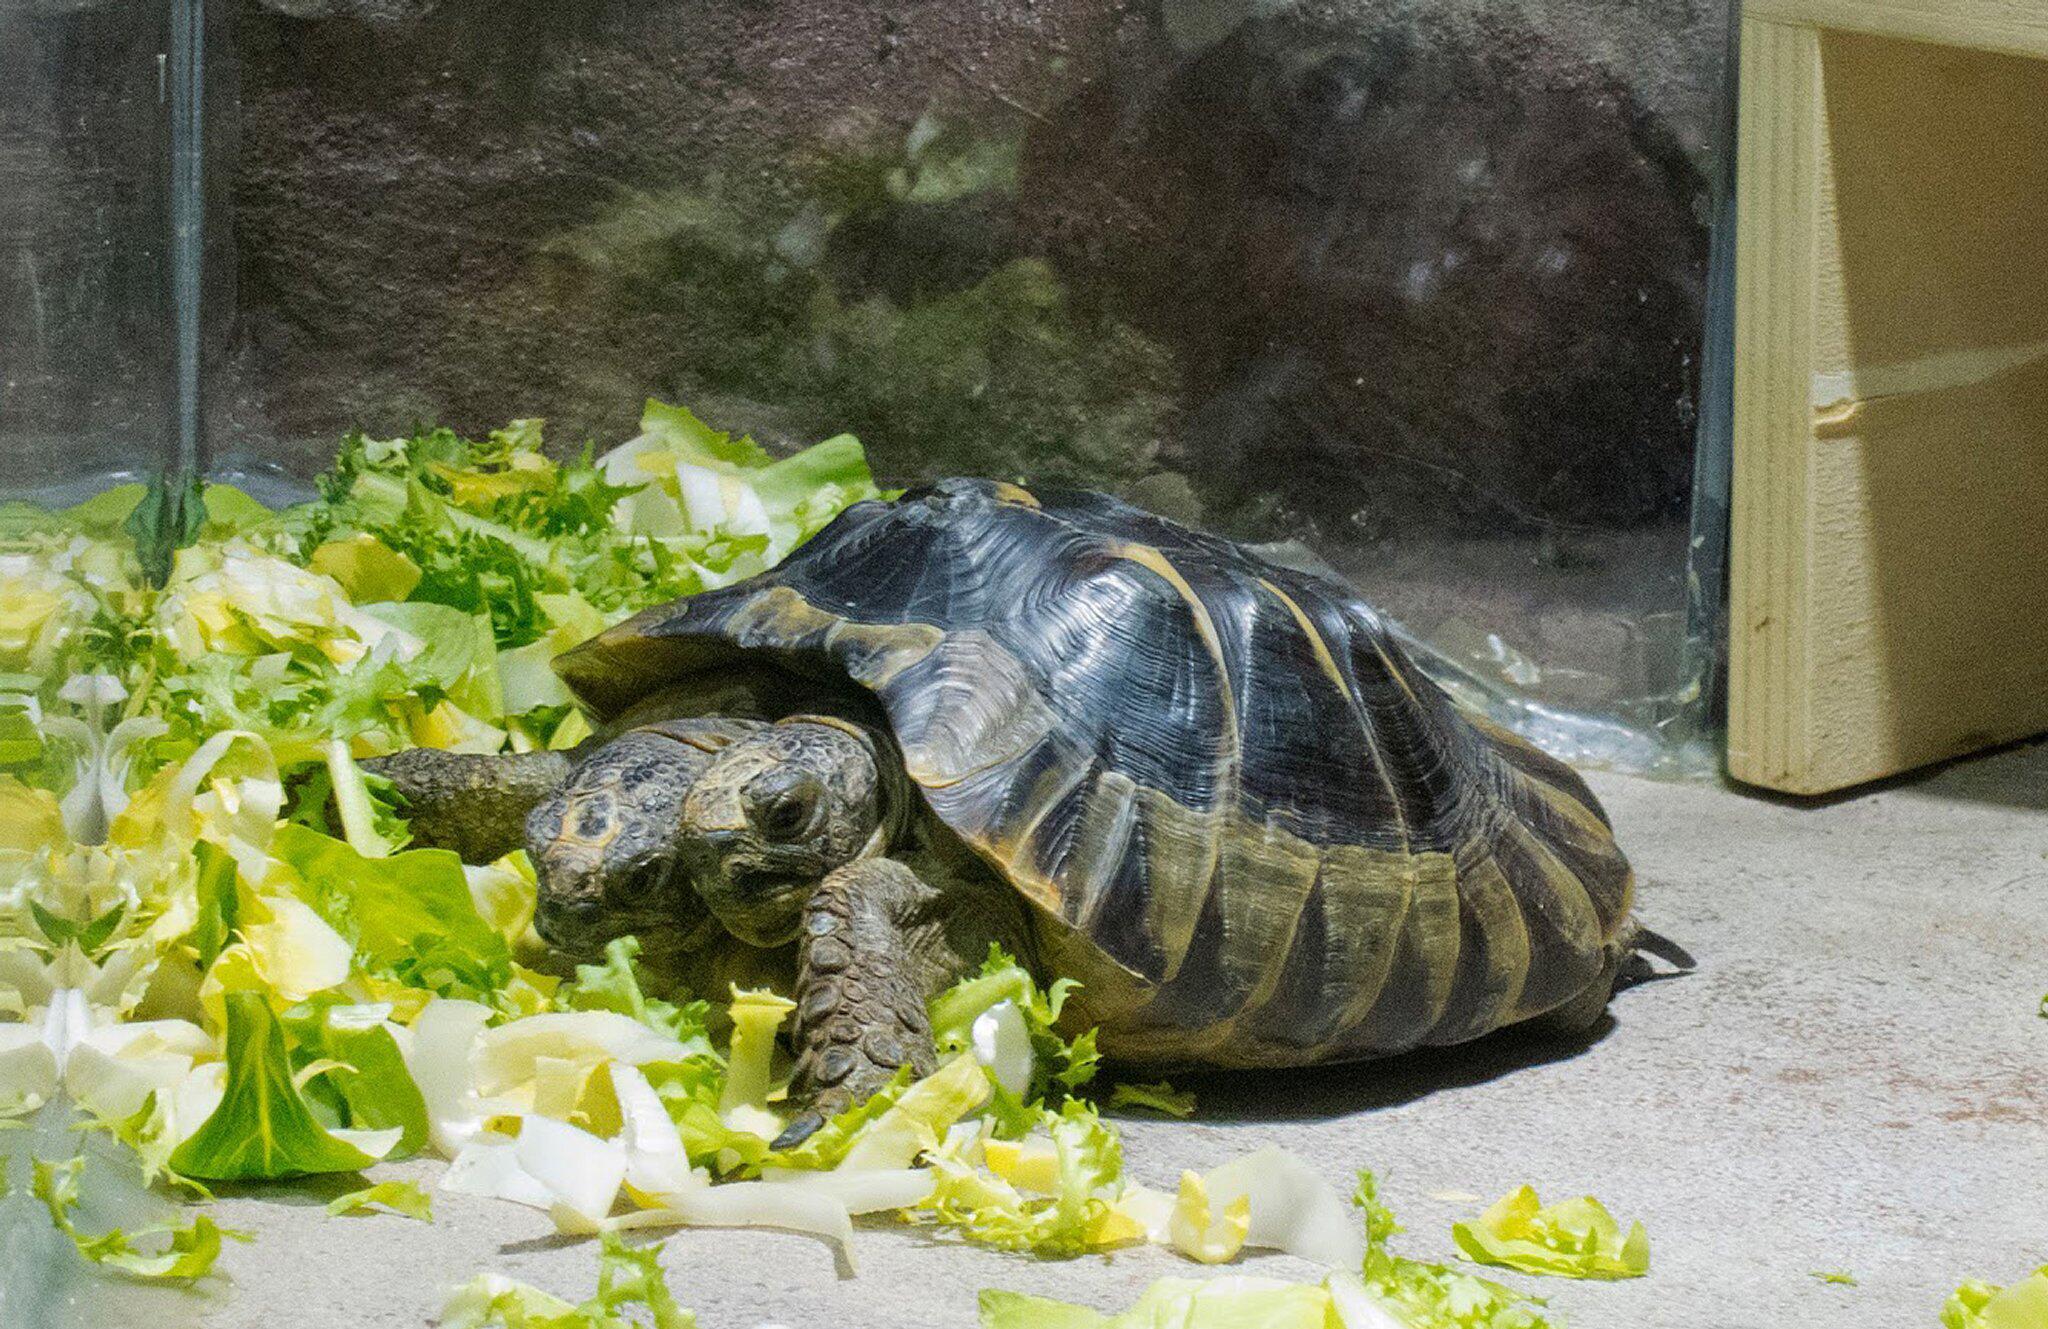 Tolle Schildkröte Farbseiten Ideen - Malvorlagen Von Tieren - ngadi.info